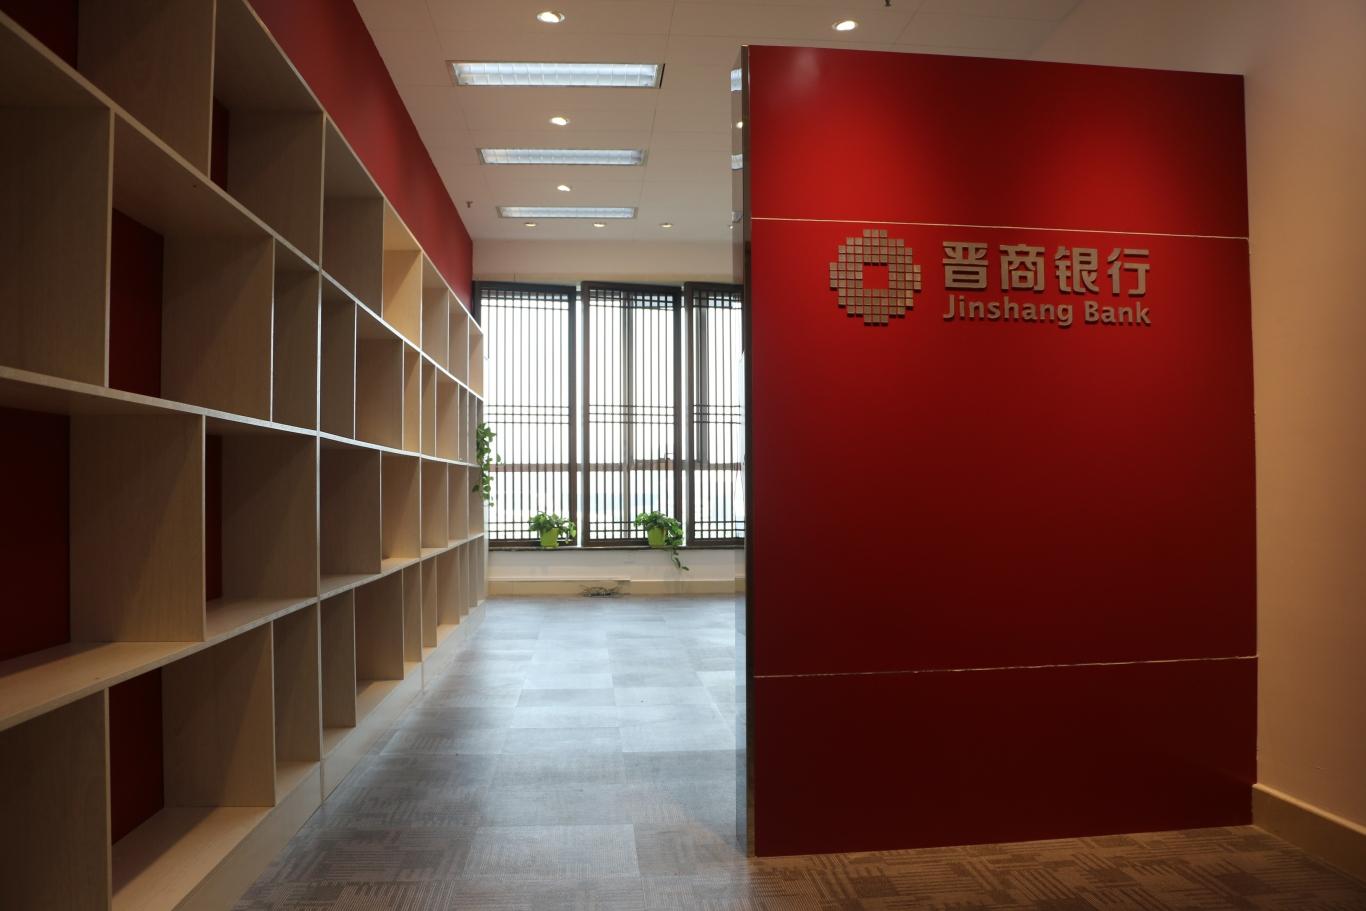 晋商银行贵宾室、荣誉室图1